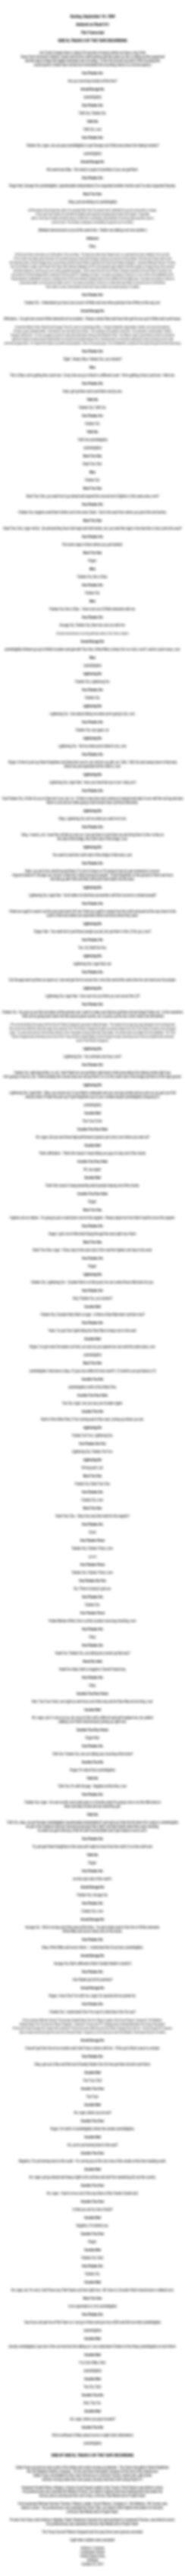 Transcript audio 2